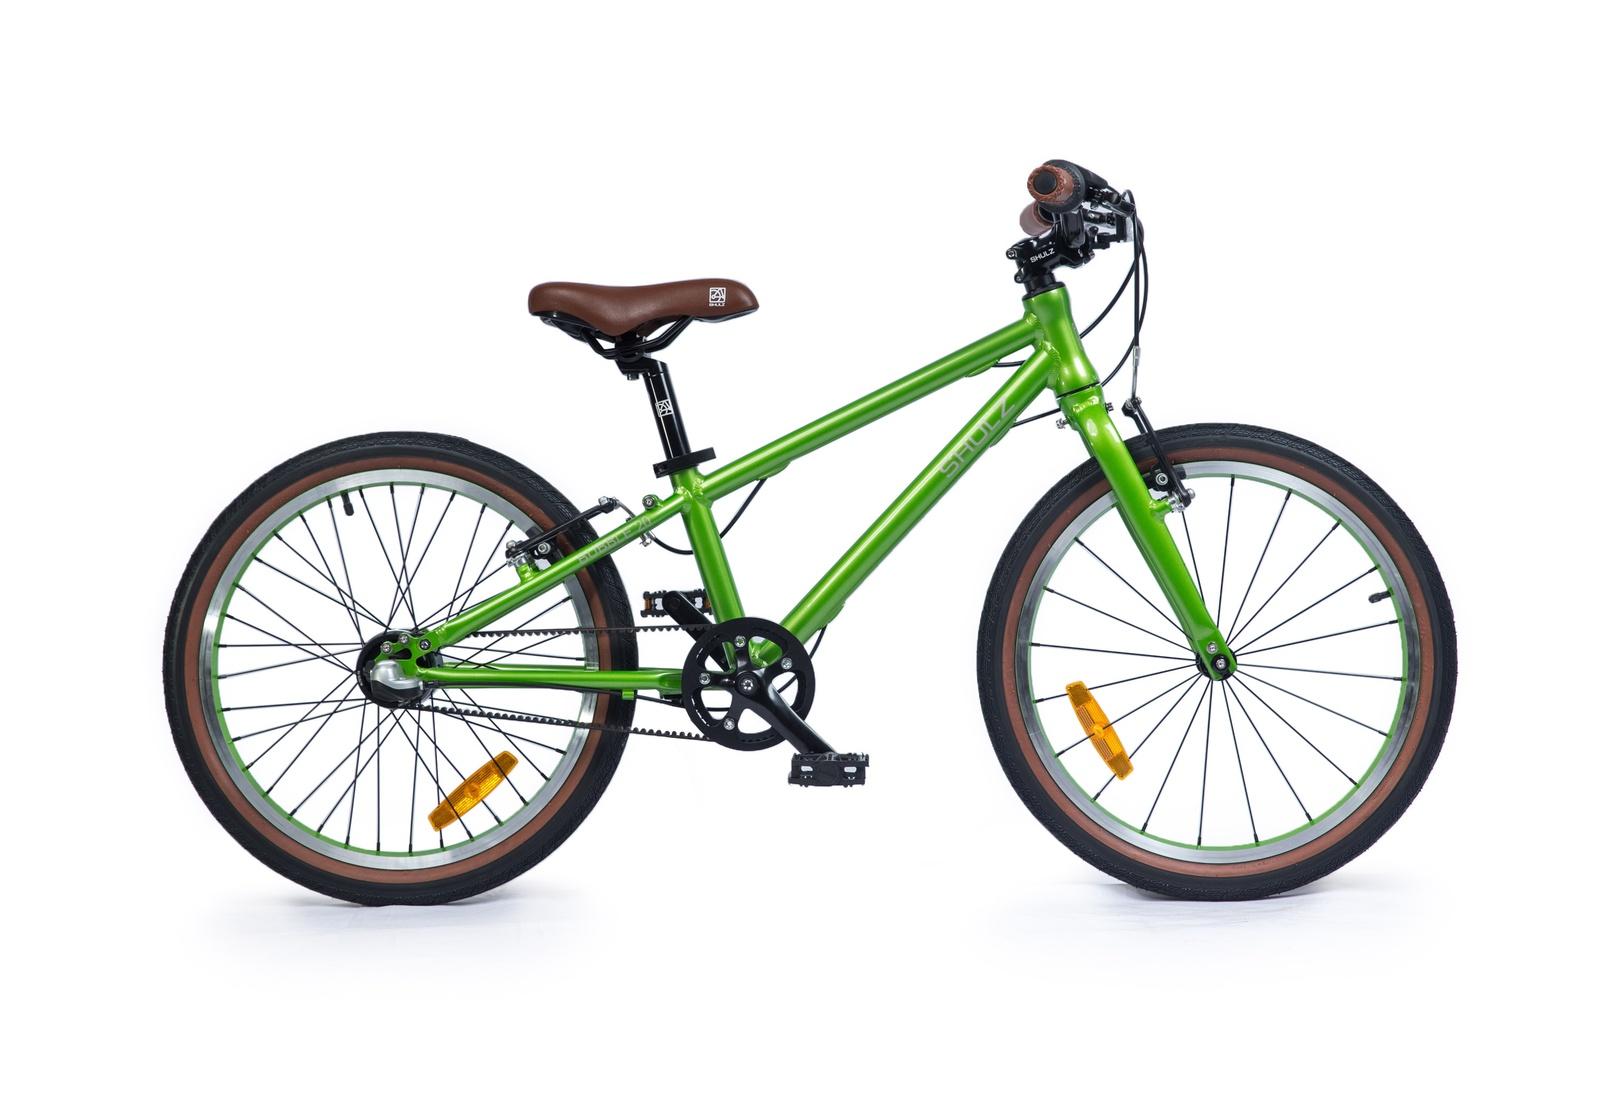 Велосипед Shulz Bubble 20, зеленый2000008314343Легкий и стильный велосипед с простой в обслуживании ременной передачей, которая не только не пачкается, но и делает ход плавным, а также надежной и неприхотливой в использовании планетарной втулкой — ребенок быстро научится переключать скорости и ему будет легче заезжать в горку.Поставляется в разобранном виде, требует финальной сборки и настройки.